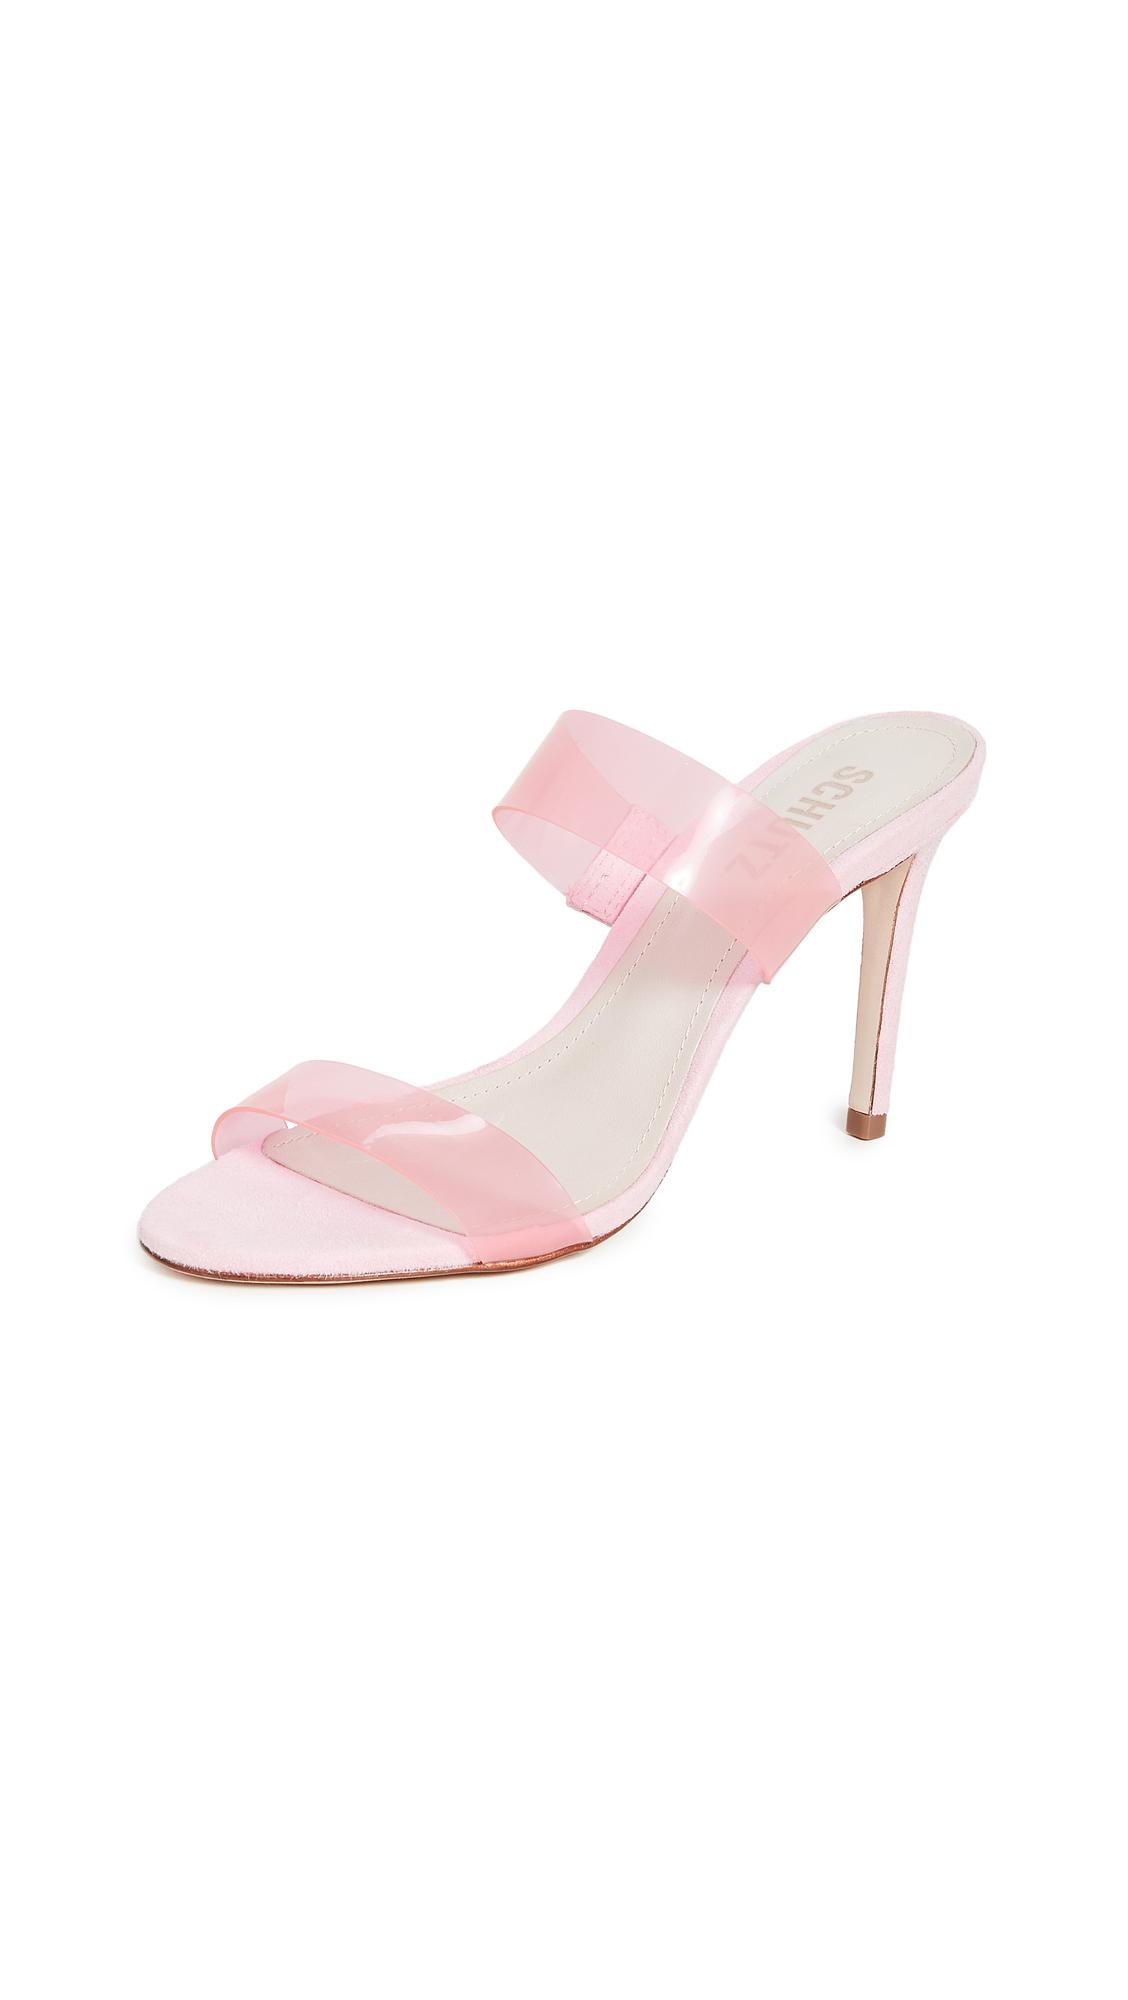 Buy Schutz Ariella 2 Sandals online, shop Schutz